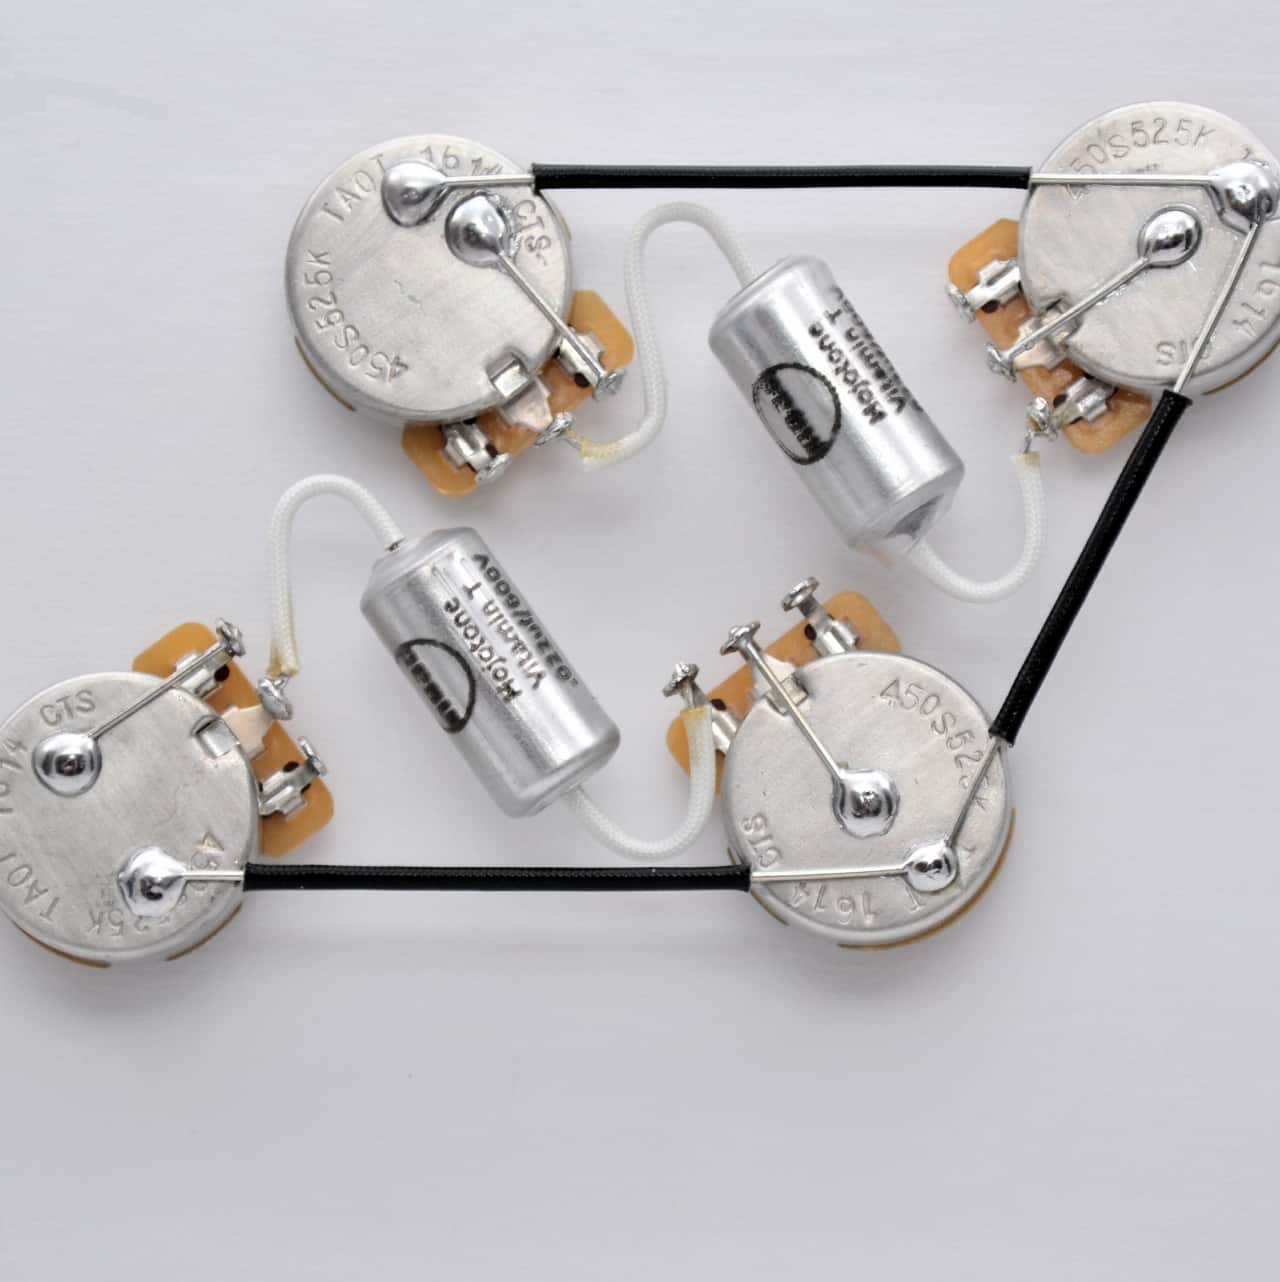 honda xr650l cdi wiring diagram kawasaki vulcan 900